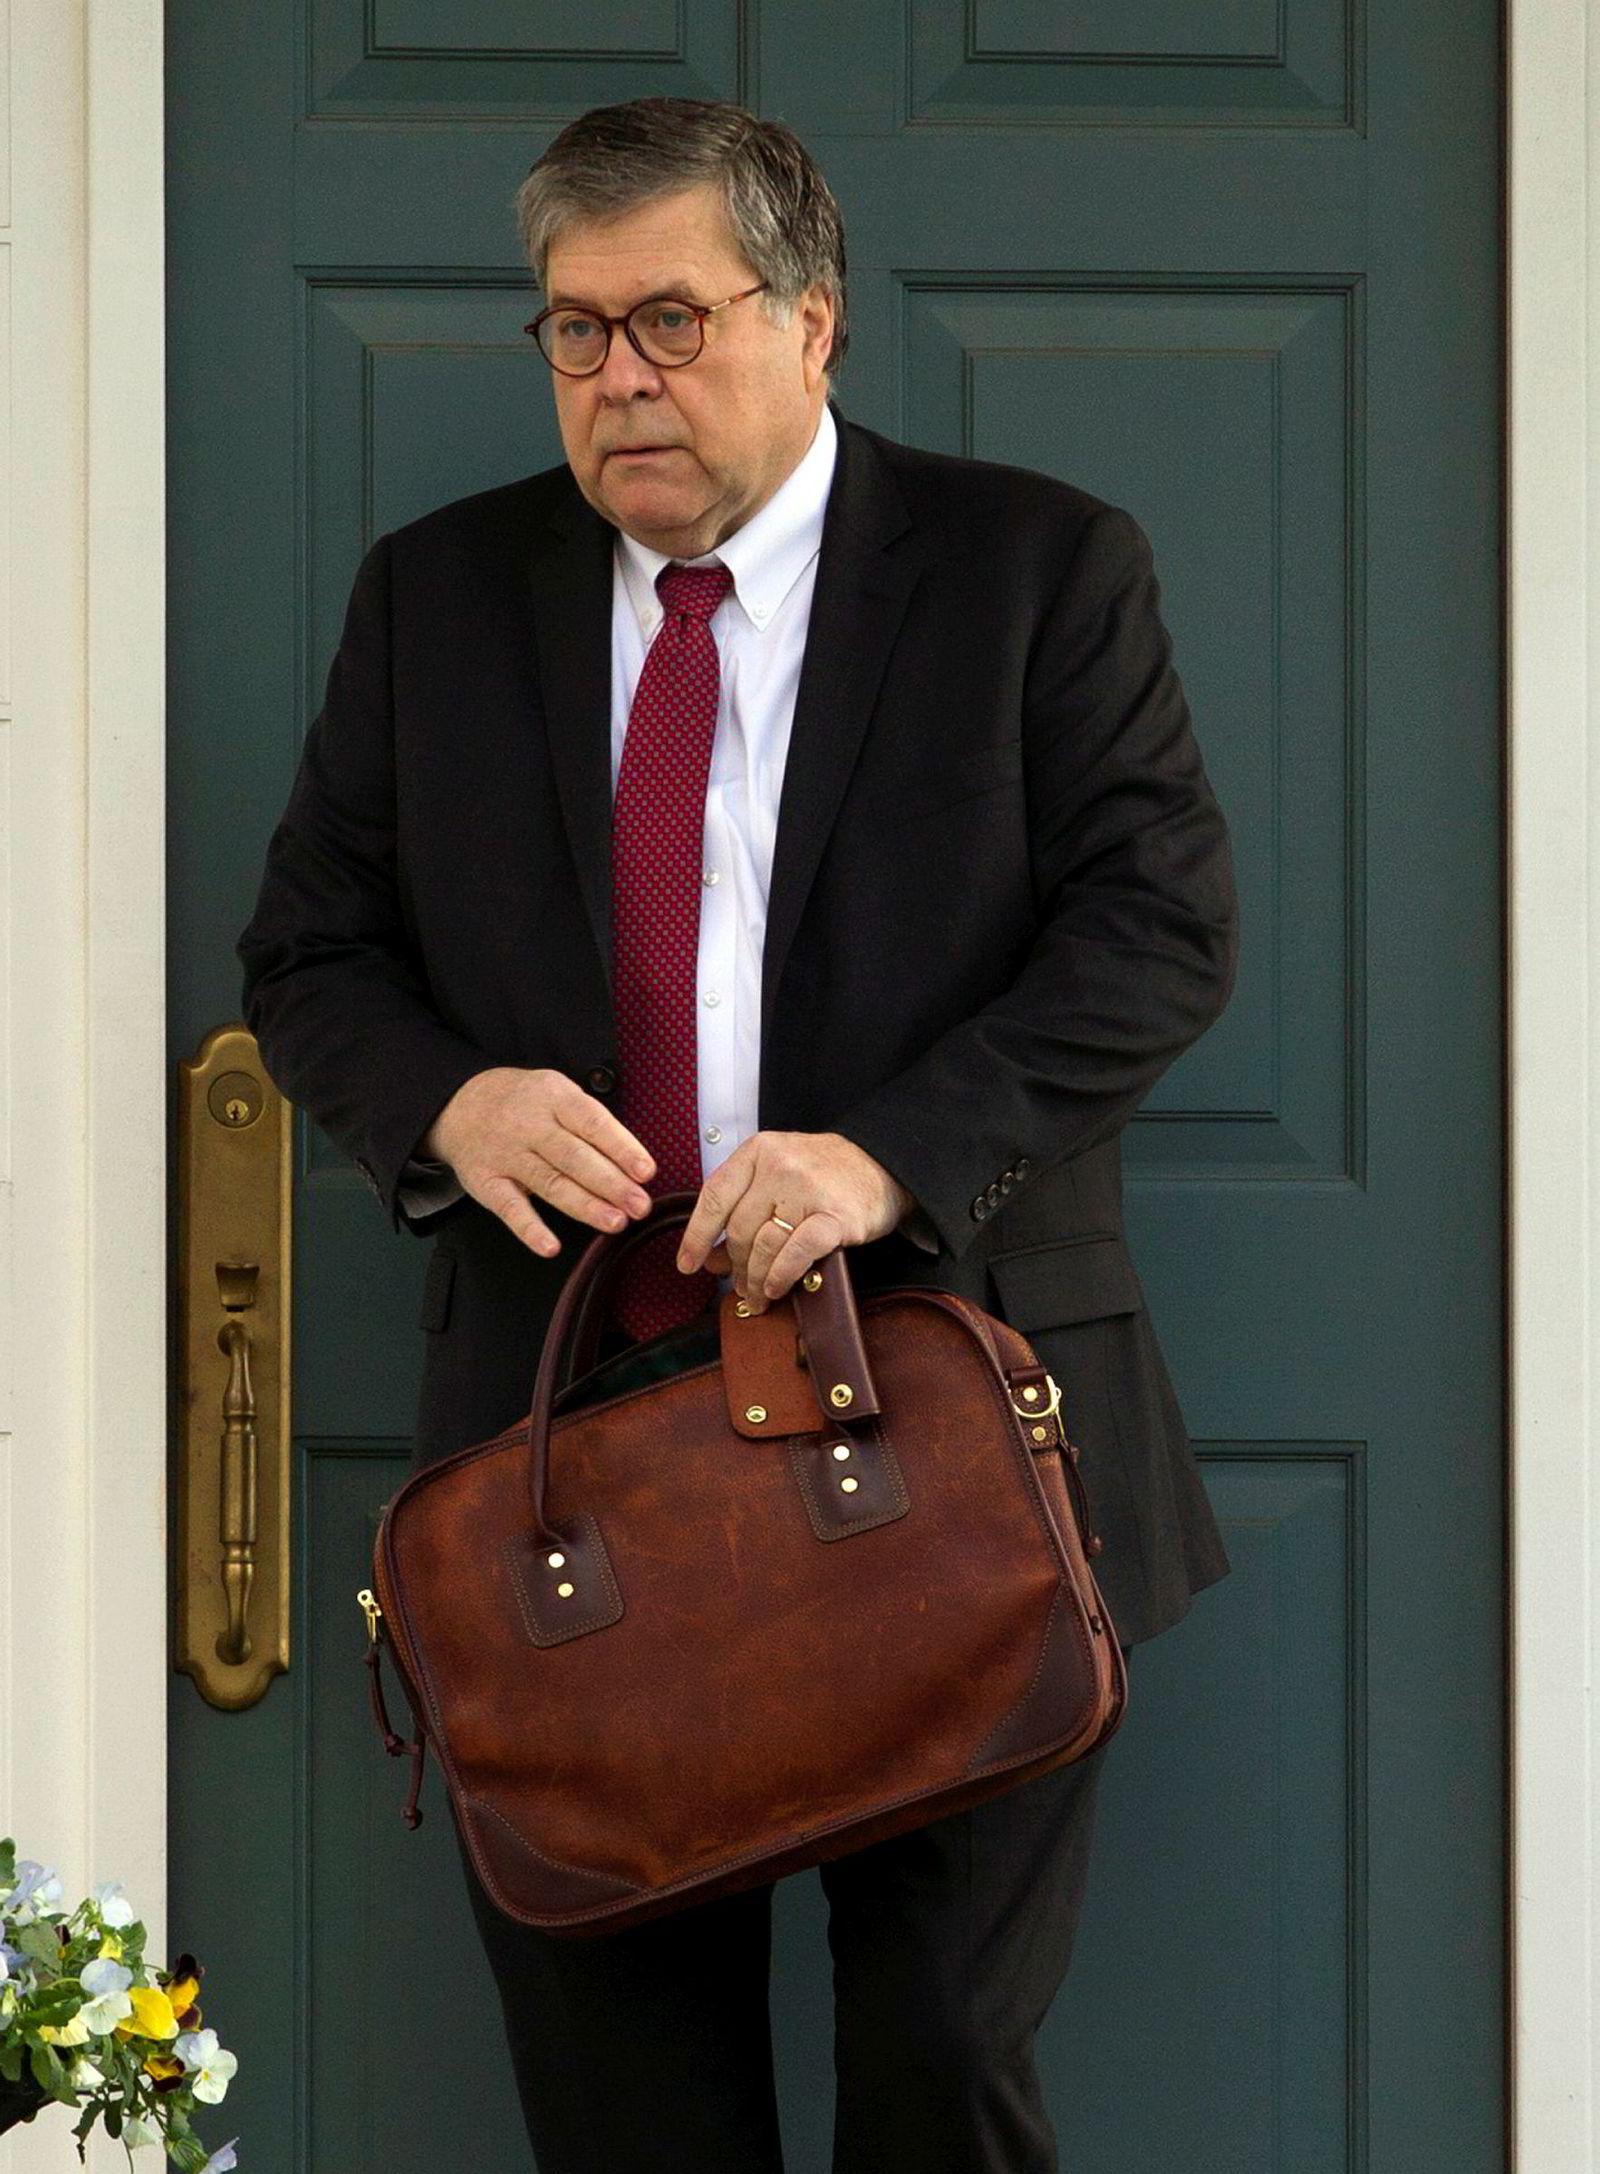 Justisminister William Barr på vei til kontoret fredag morgen. Nå blir det intensiv jobbing hele helgen.